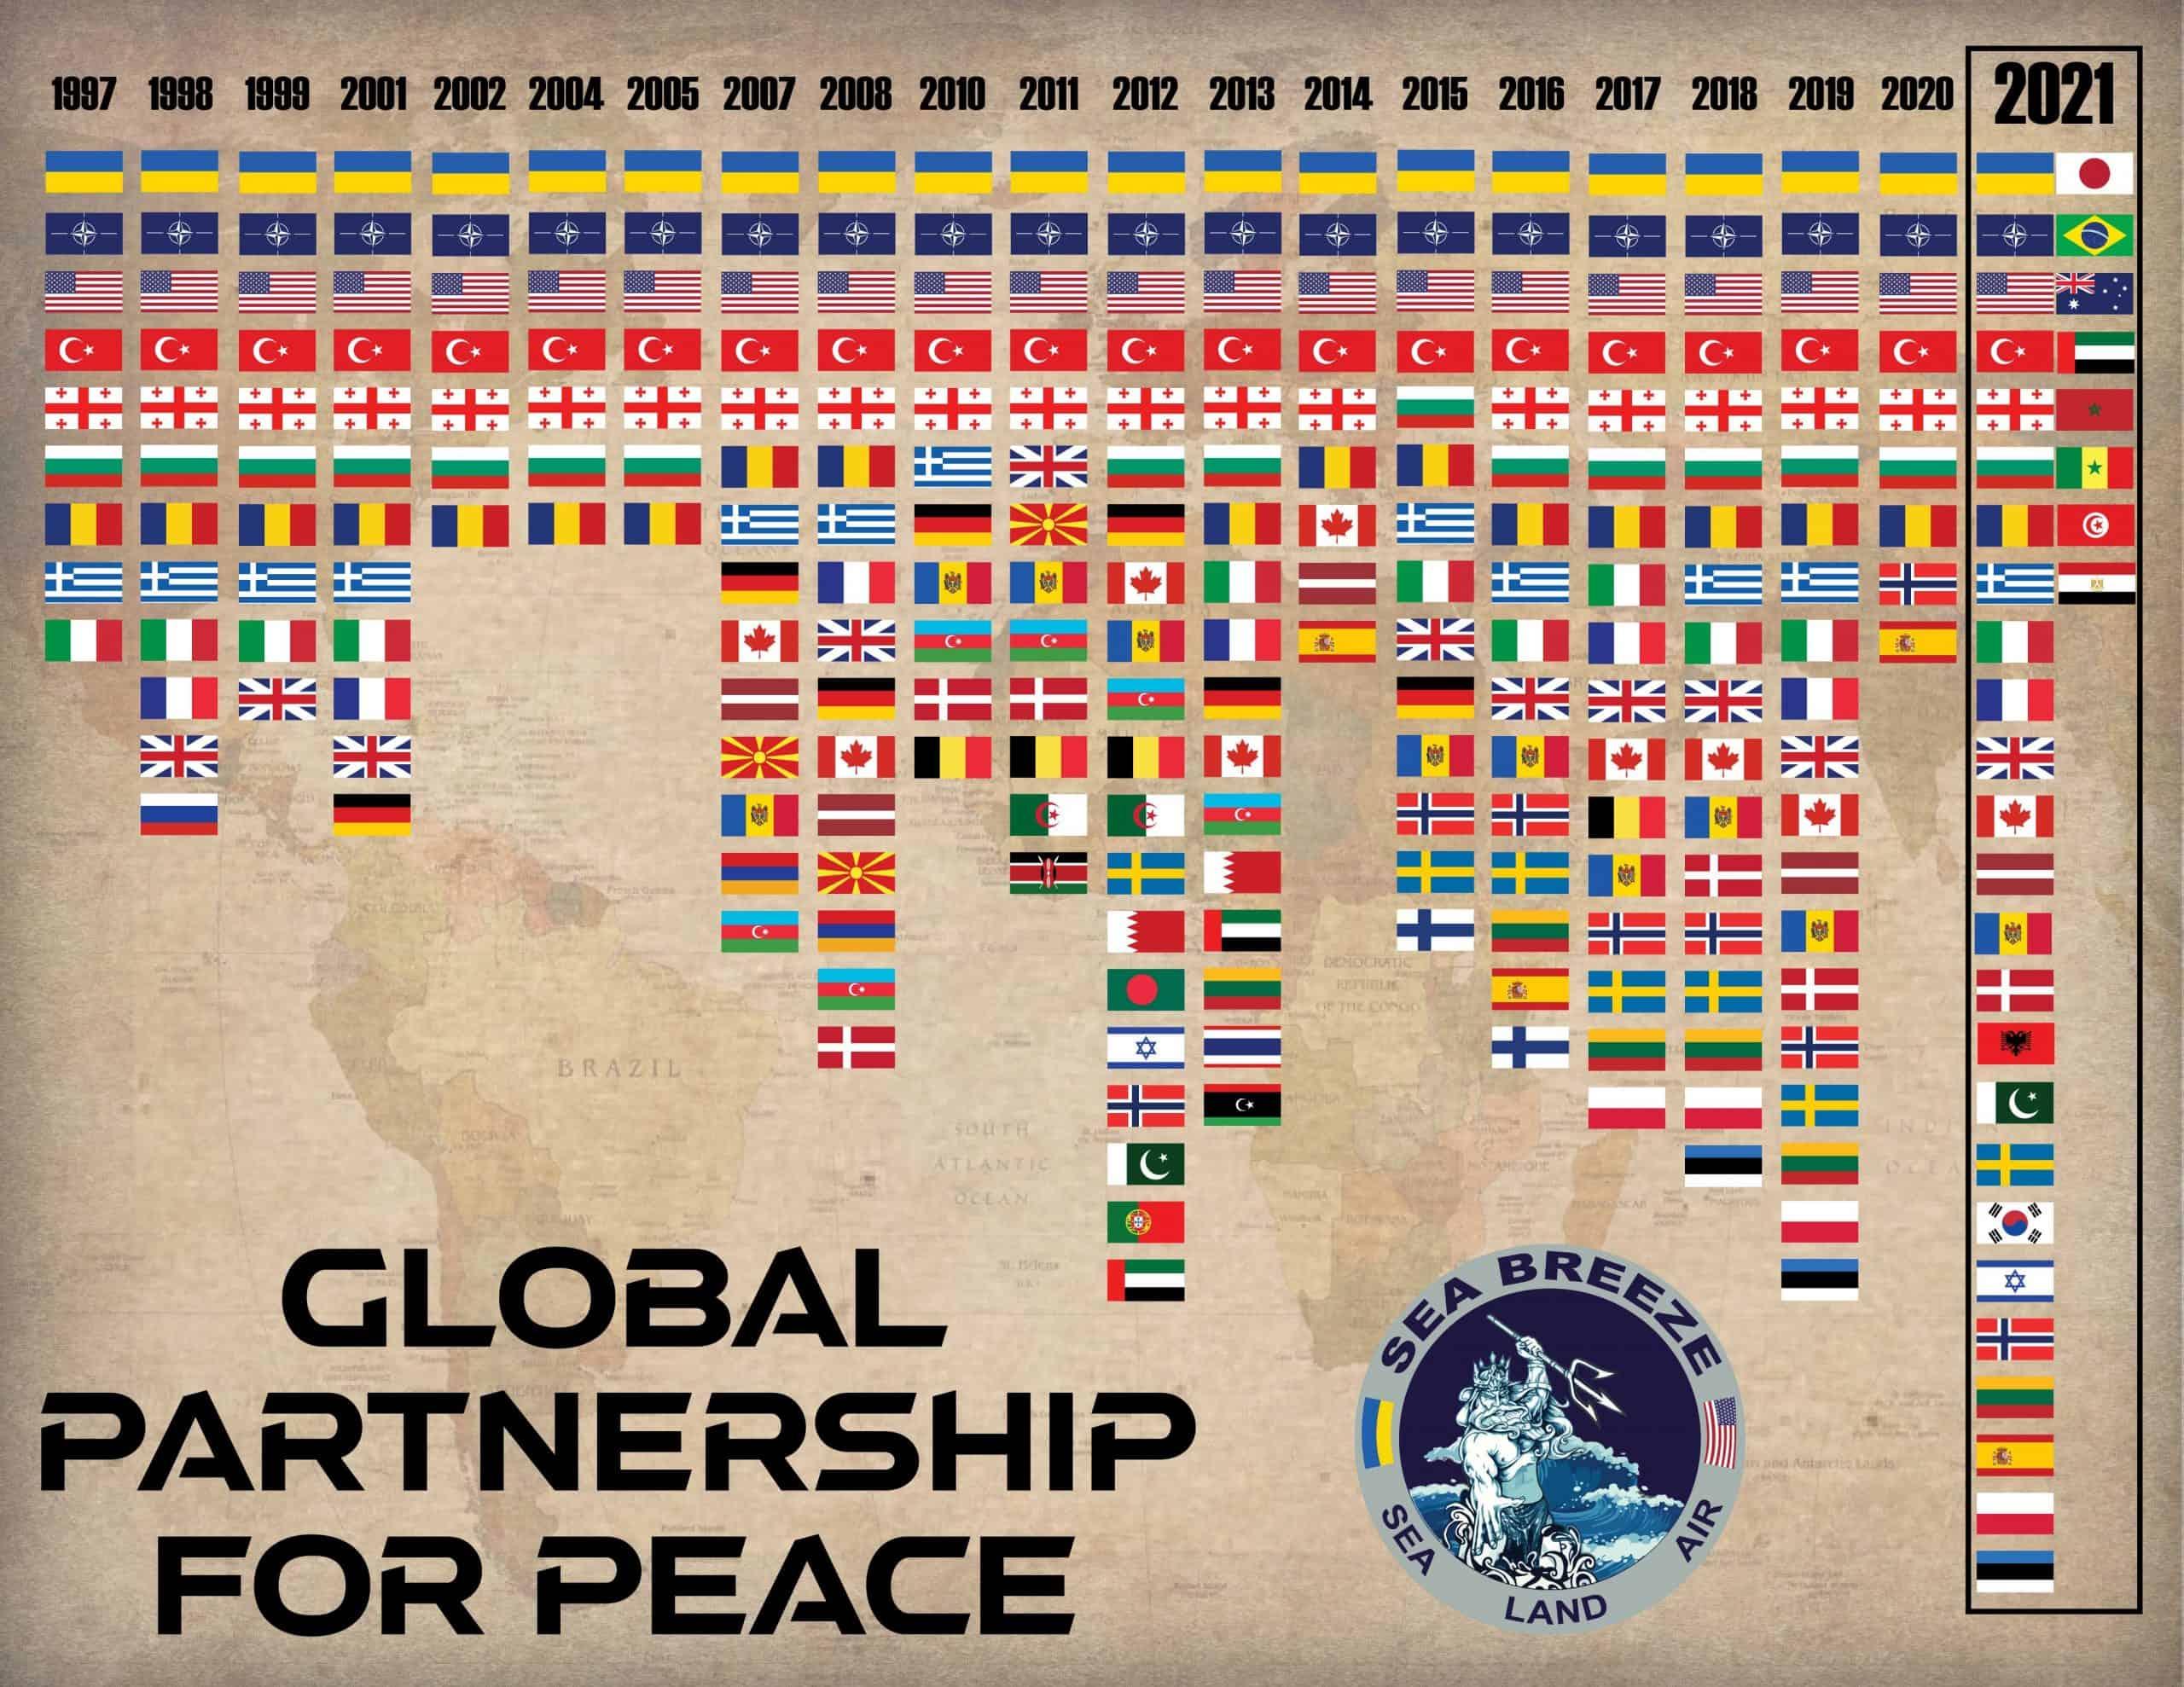 Країни учасниці міжнародних навчань Sea Breeze 2021